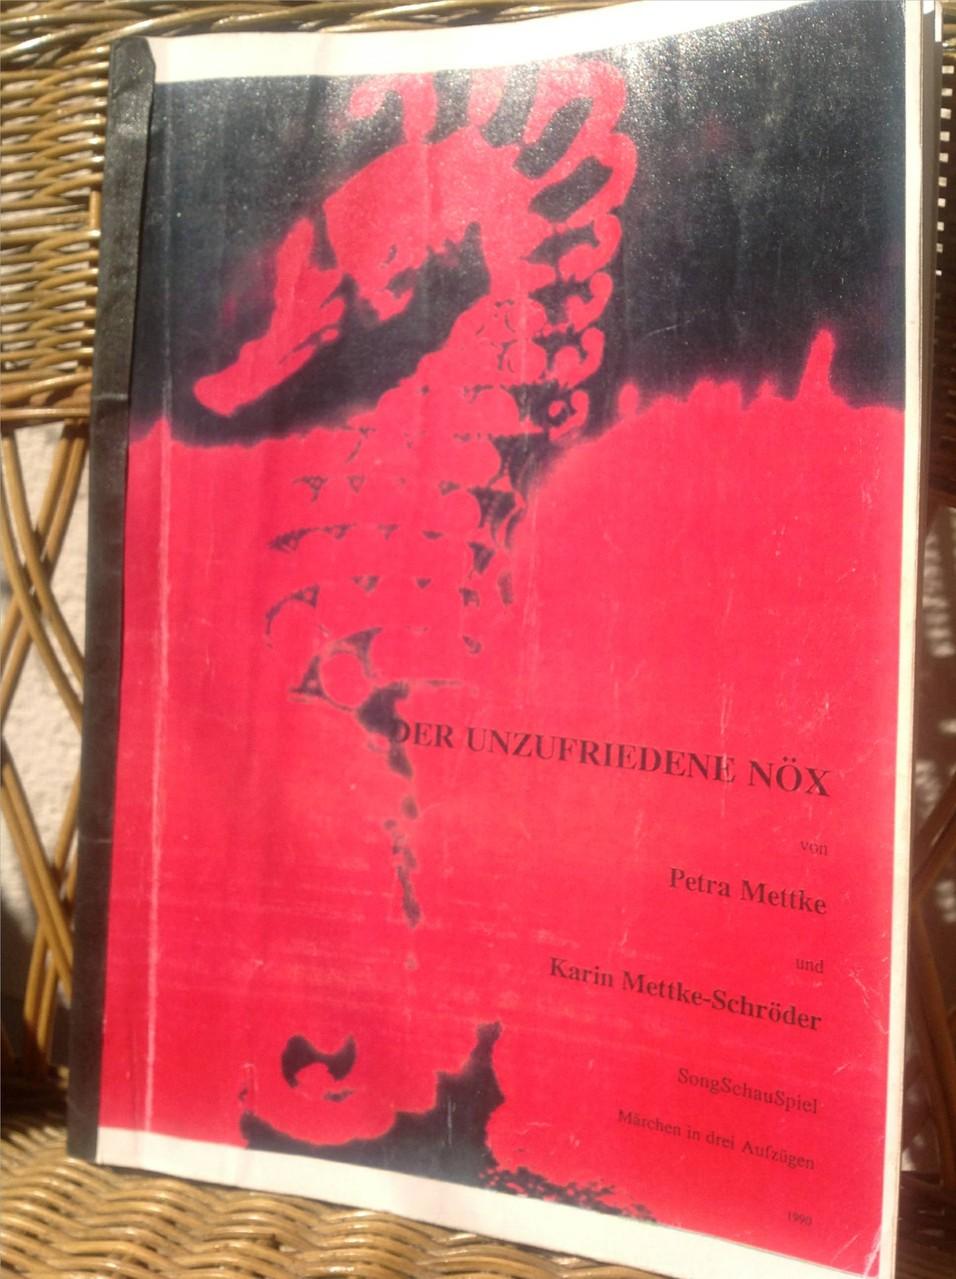 Petra Mettke, Karin Mettke-Schröder/Der unzufriedene Nöx/SongSchauSpiel von 1990/Einband